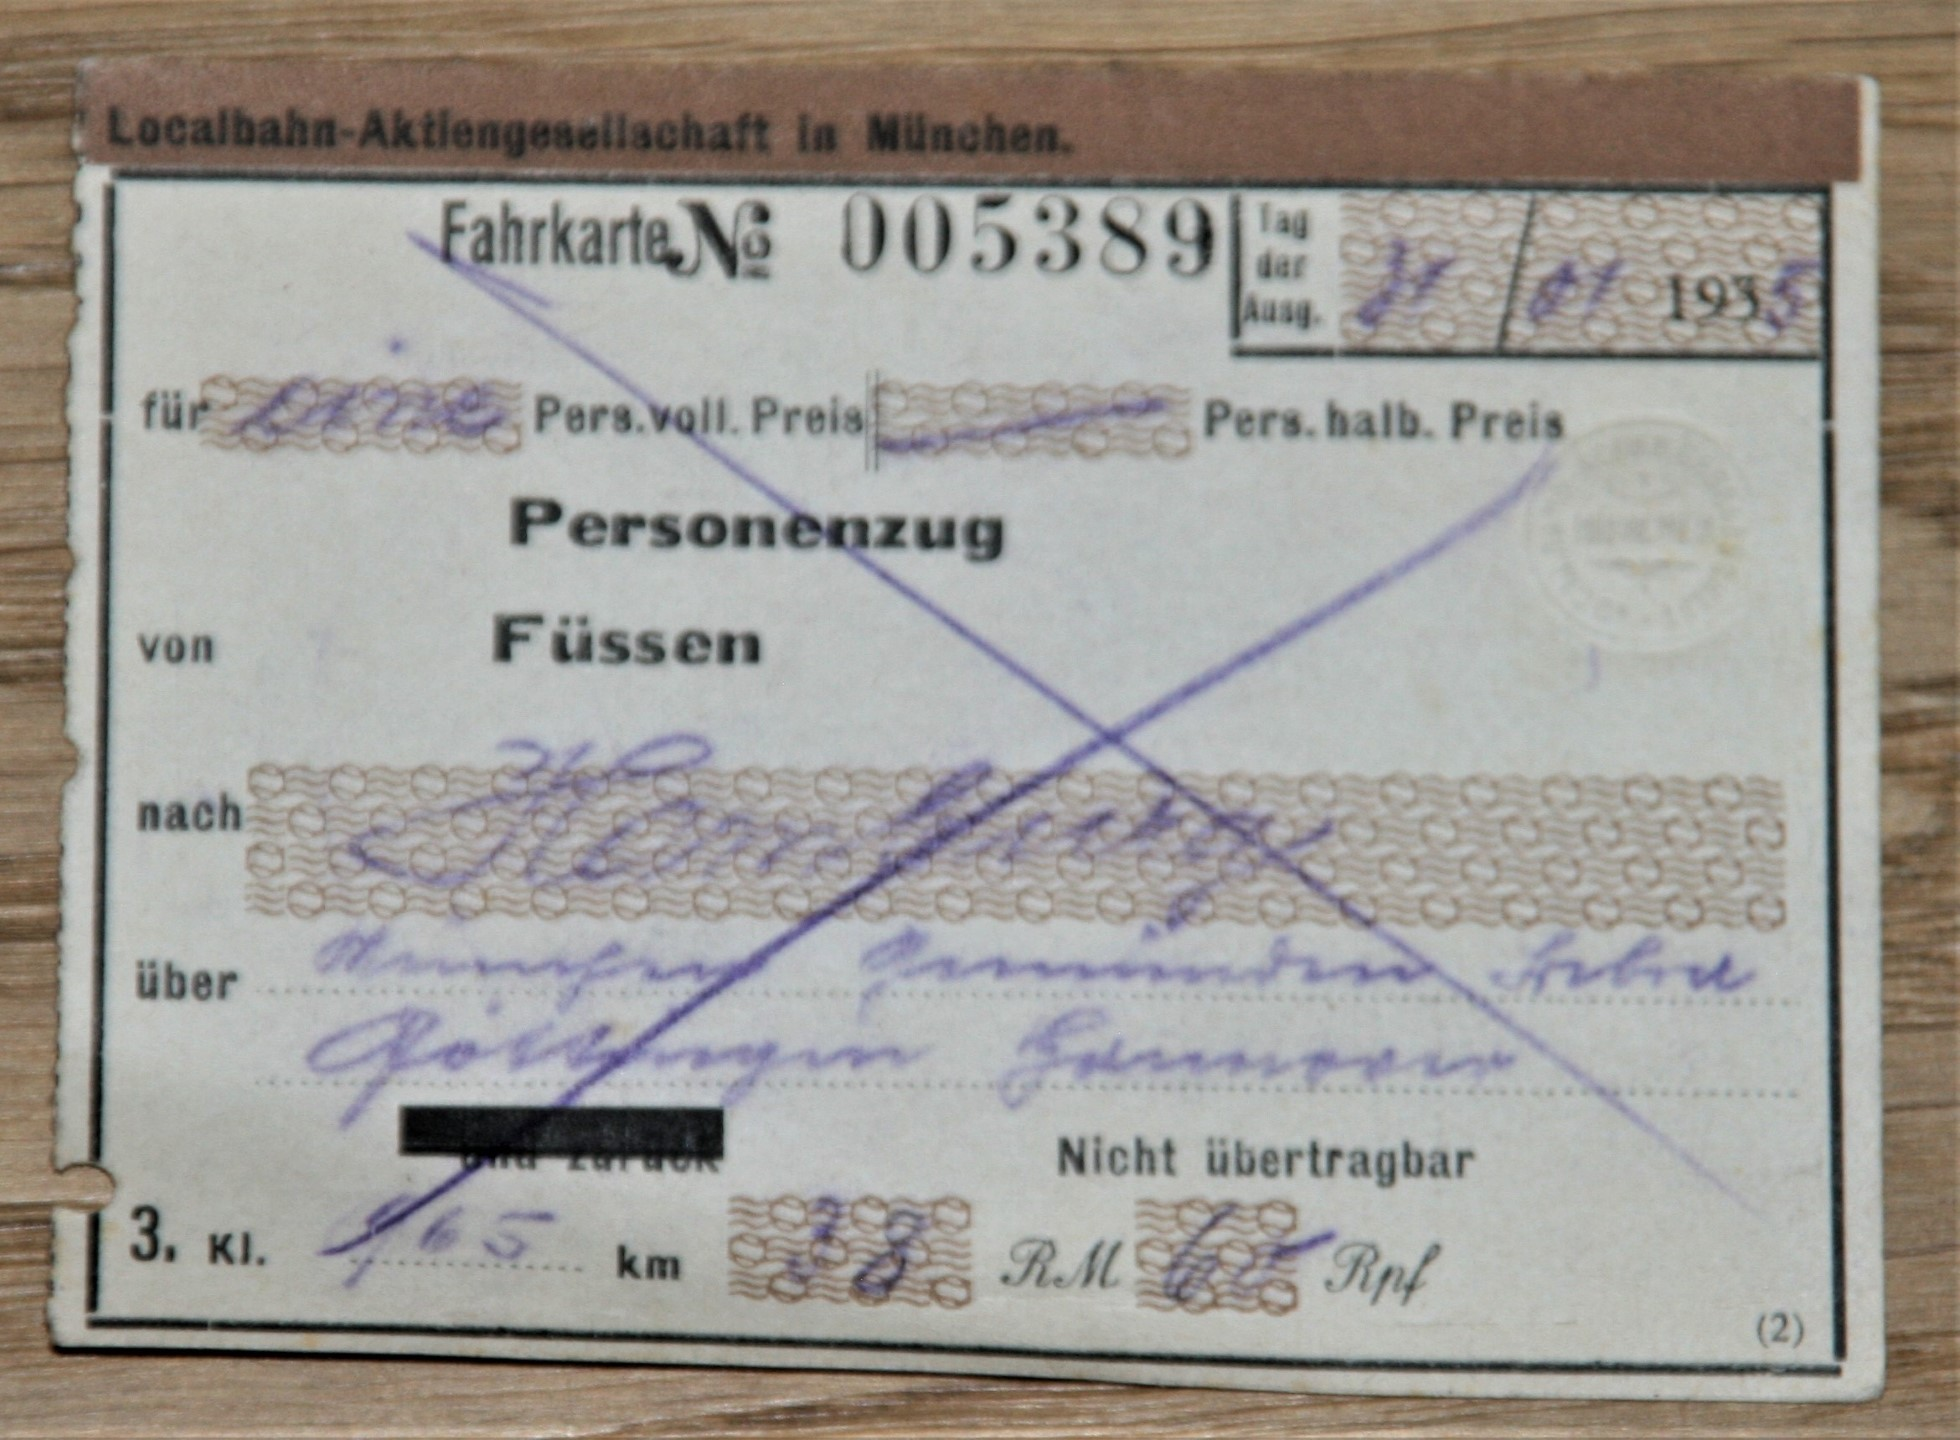 Fahrkarte Ticket Localbahn-Aktiengesellschaft in München. 1935.